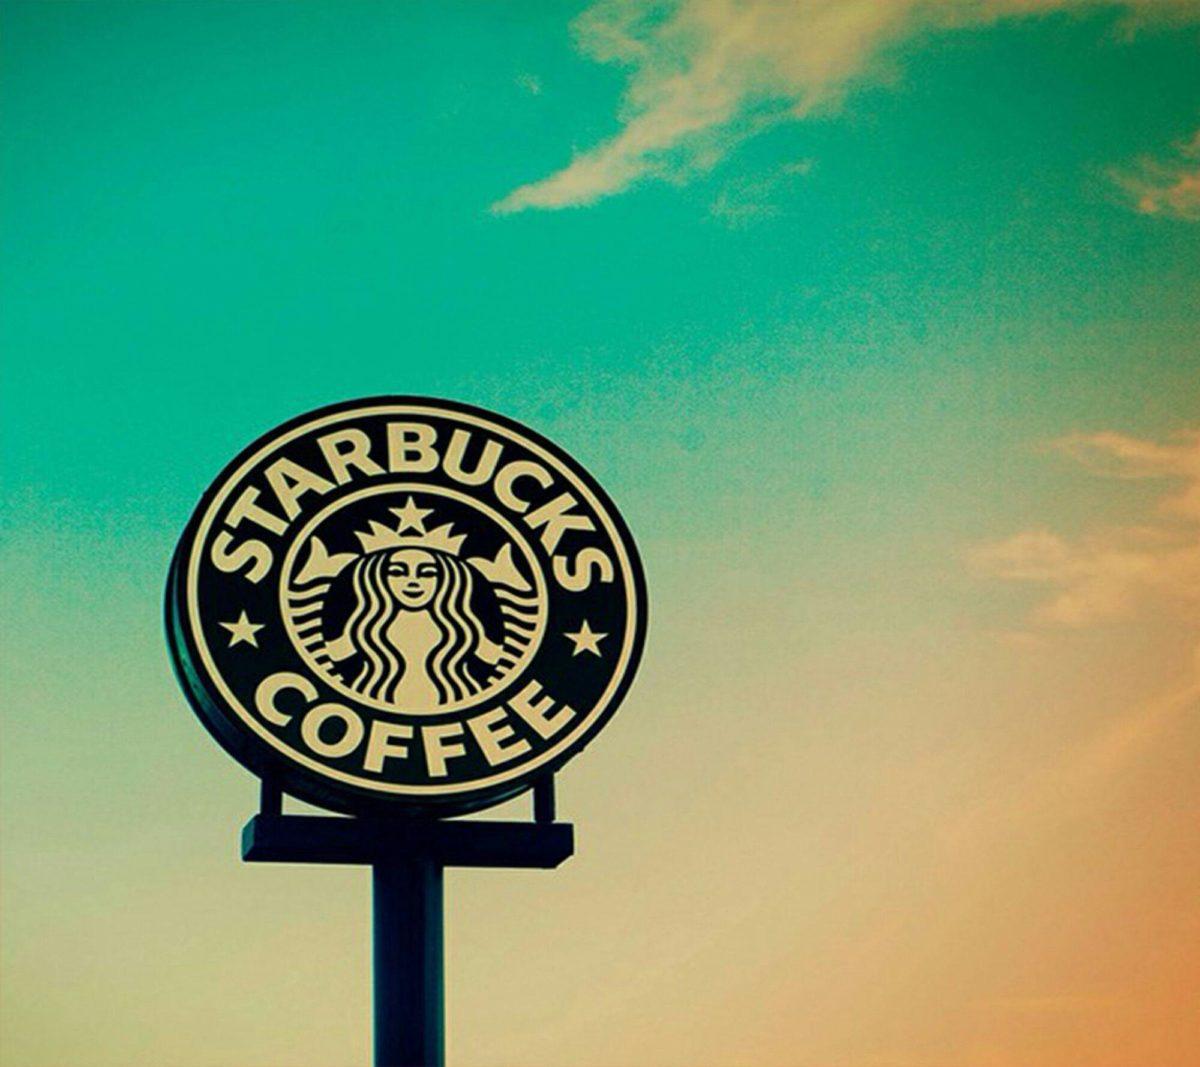 Starbucks wallpaper | onlyforwallpapers